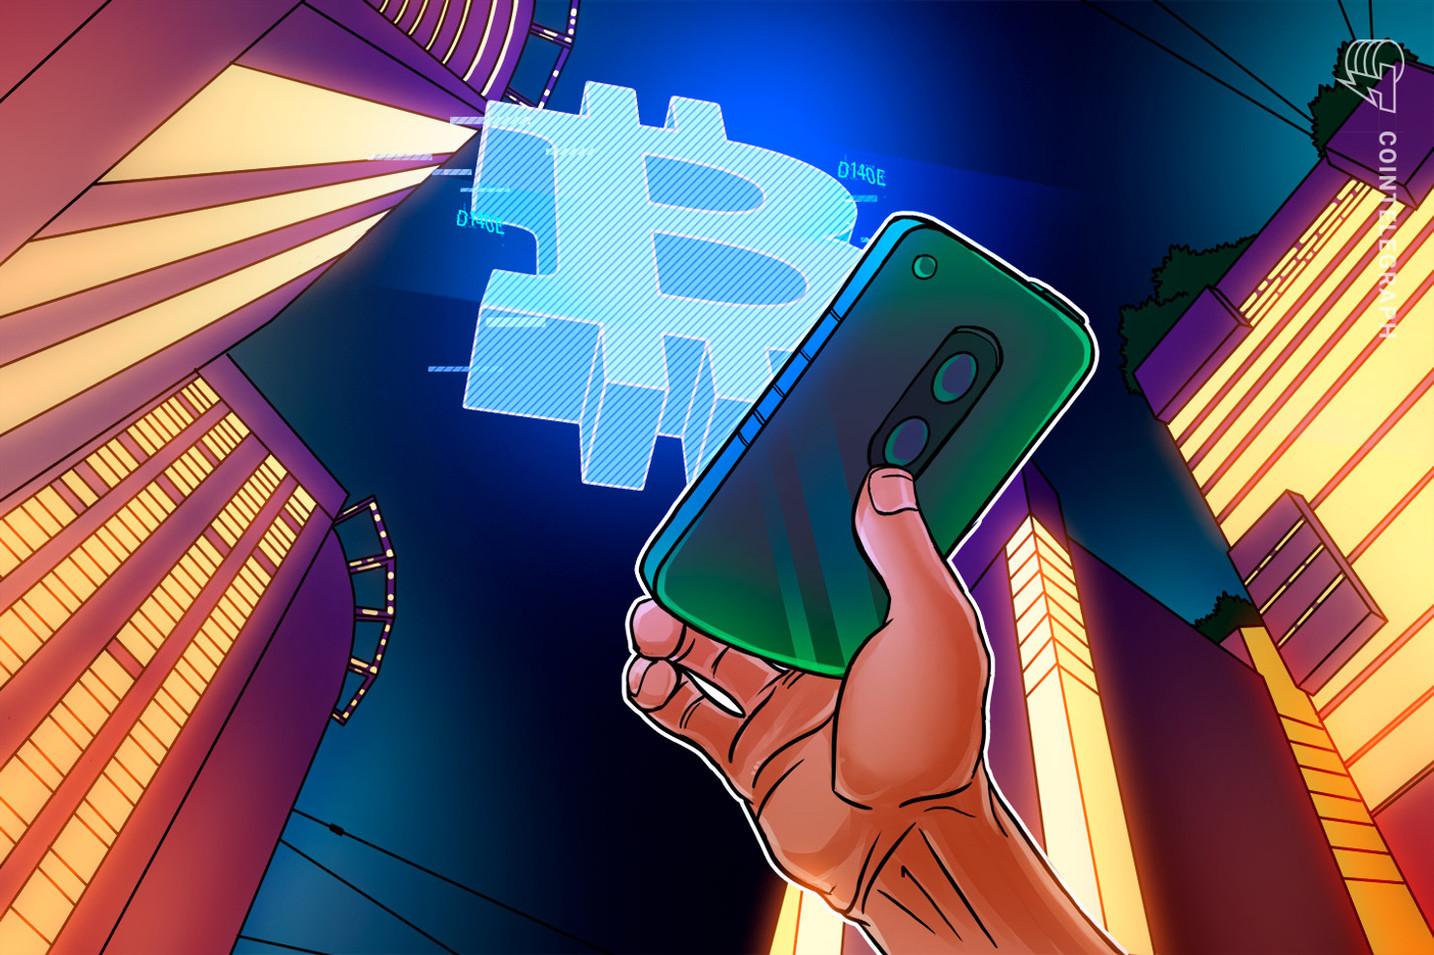 台湾HTCとバイナンス、仮想通貨スマホ「バイナンス・エディション」を発売へ【ニュース】